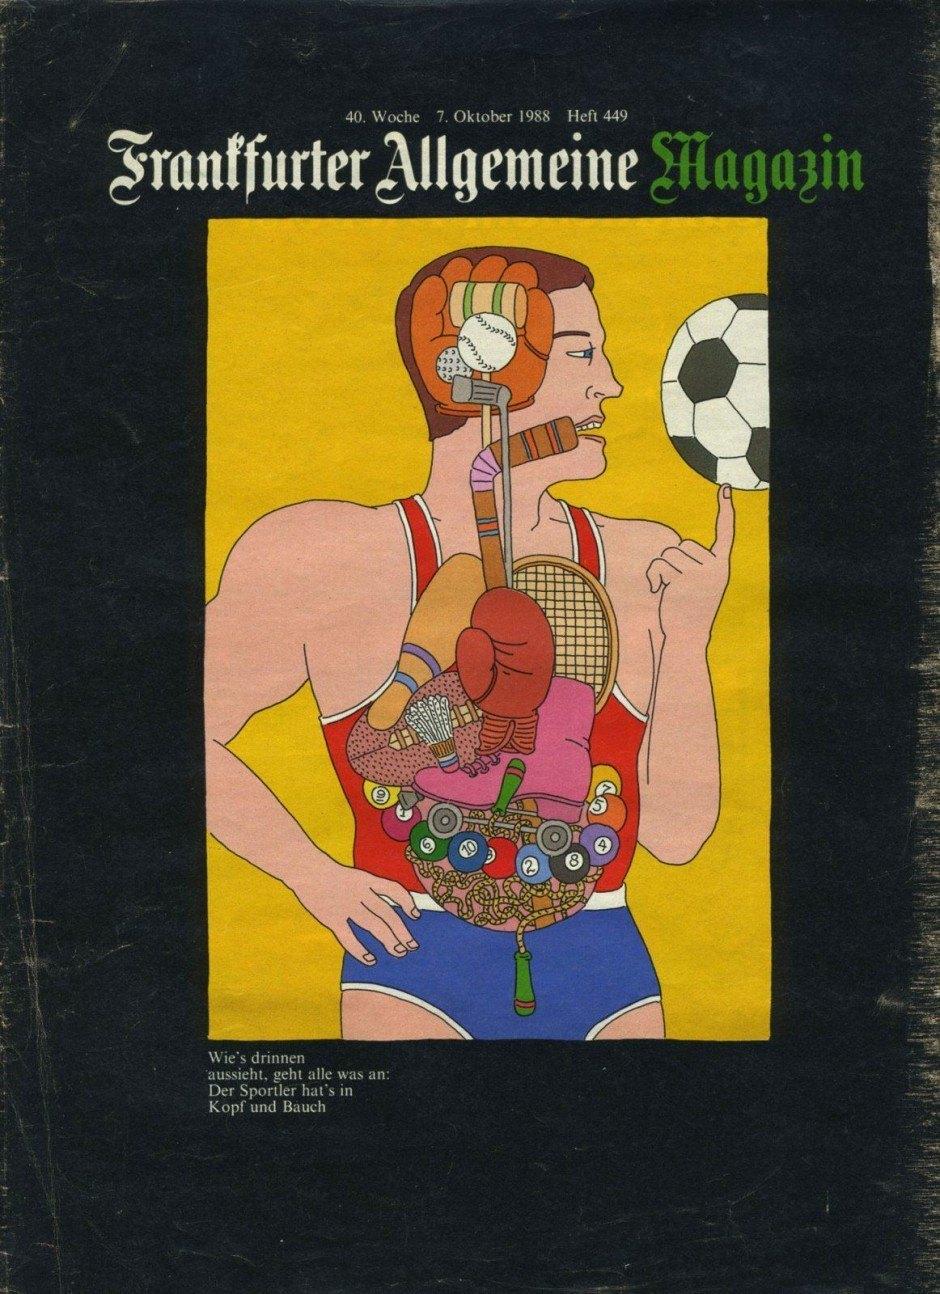 Art-direktor Hans-Georg Pospischil vom Magazin »Frankfurter Allgemeinen Zeitung« war sein fruchtbarster Auftraggeber, so Seymour Chwast